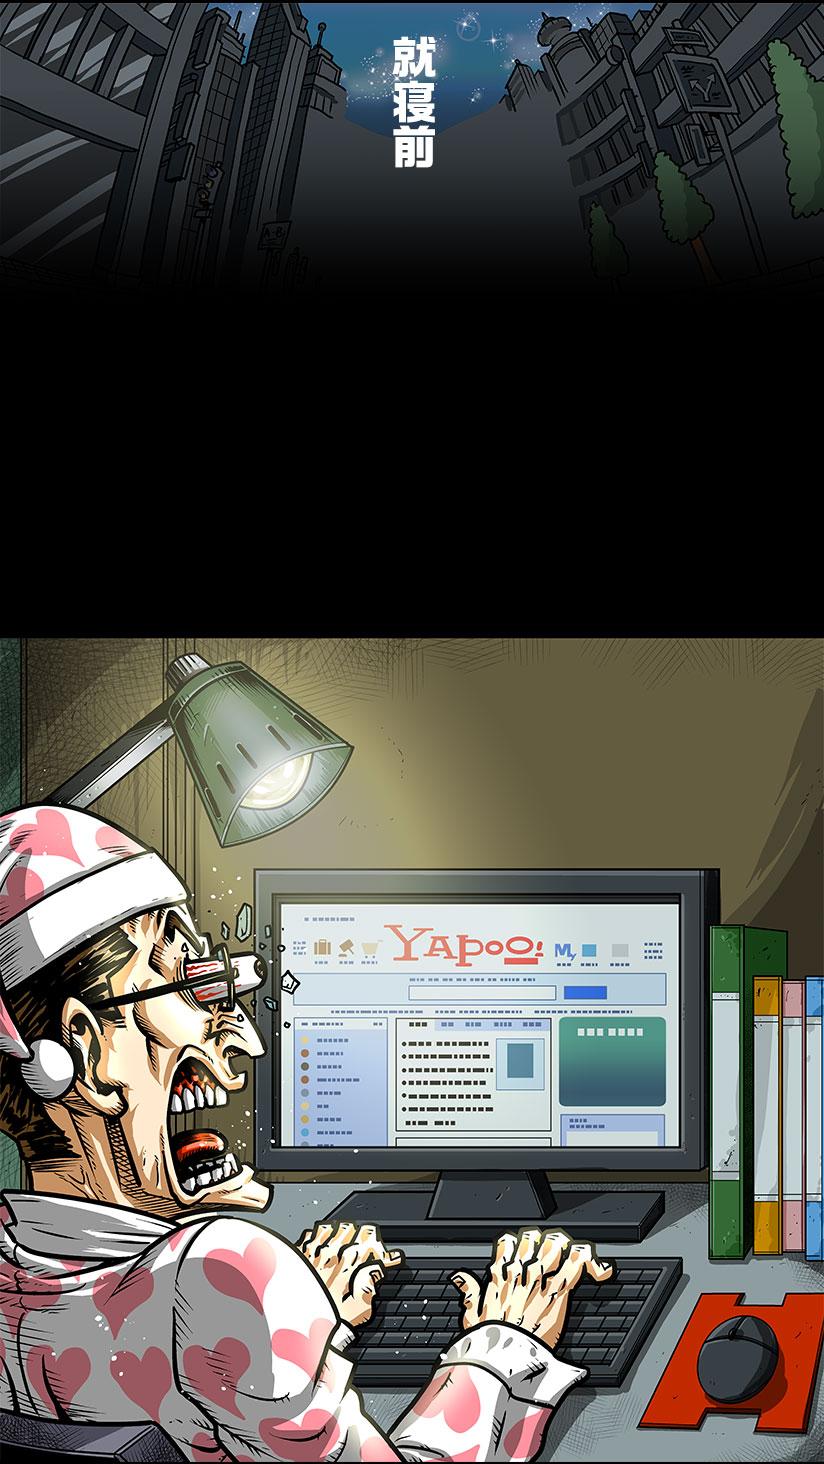 就寝前、YAPOOニュースで自分の記事が書かれていることに驚く変身前のHAGEリーマン